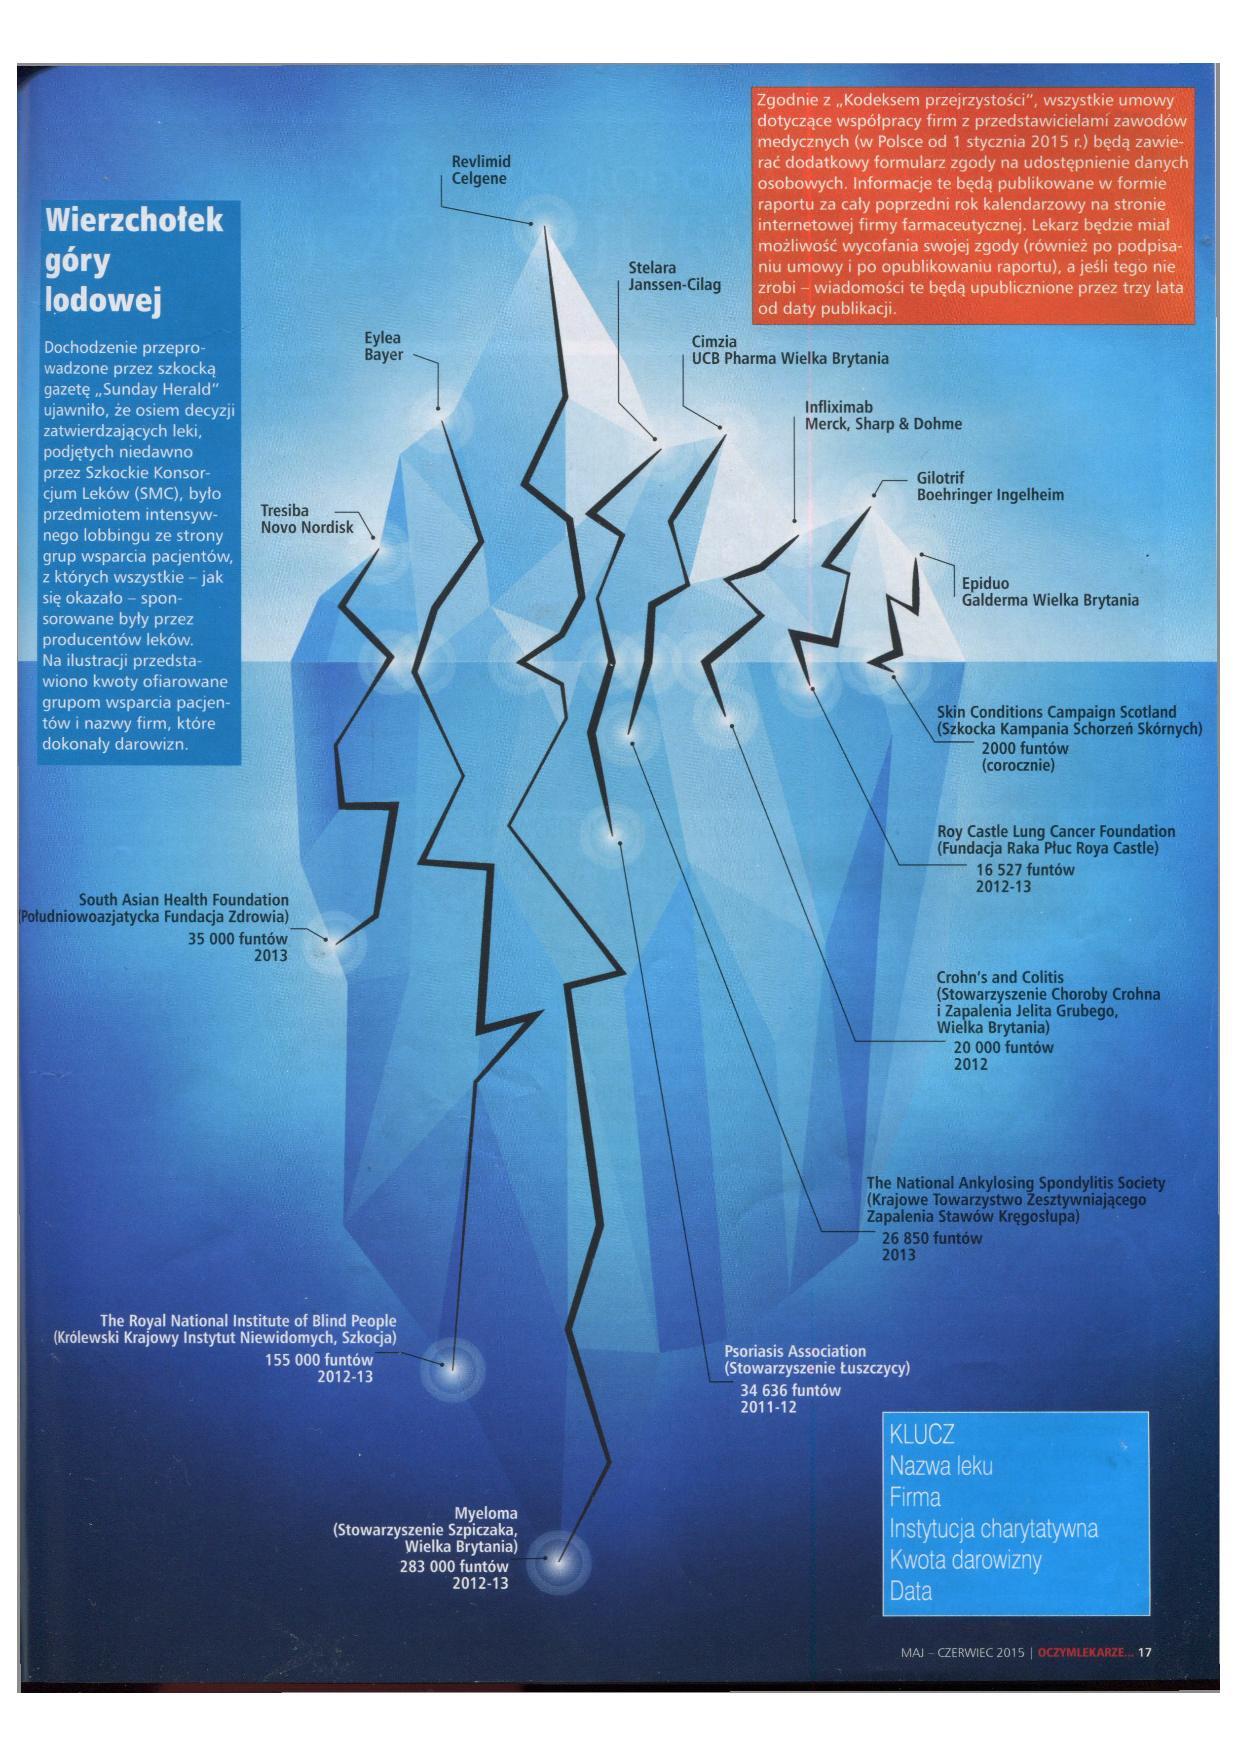 Co to jest astroturf? Manipulacja medialna